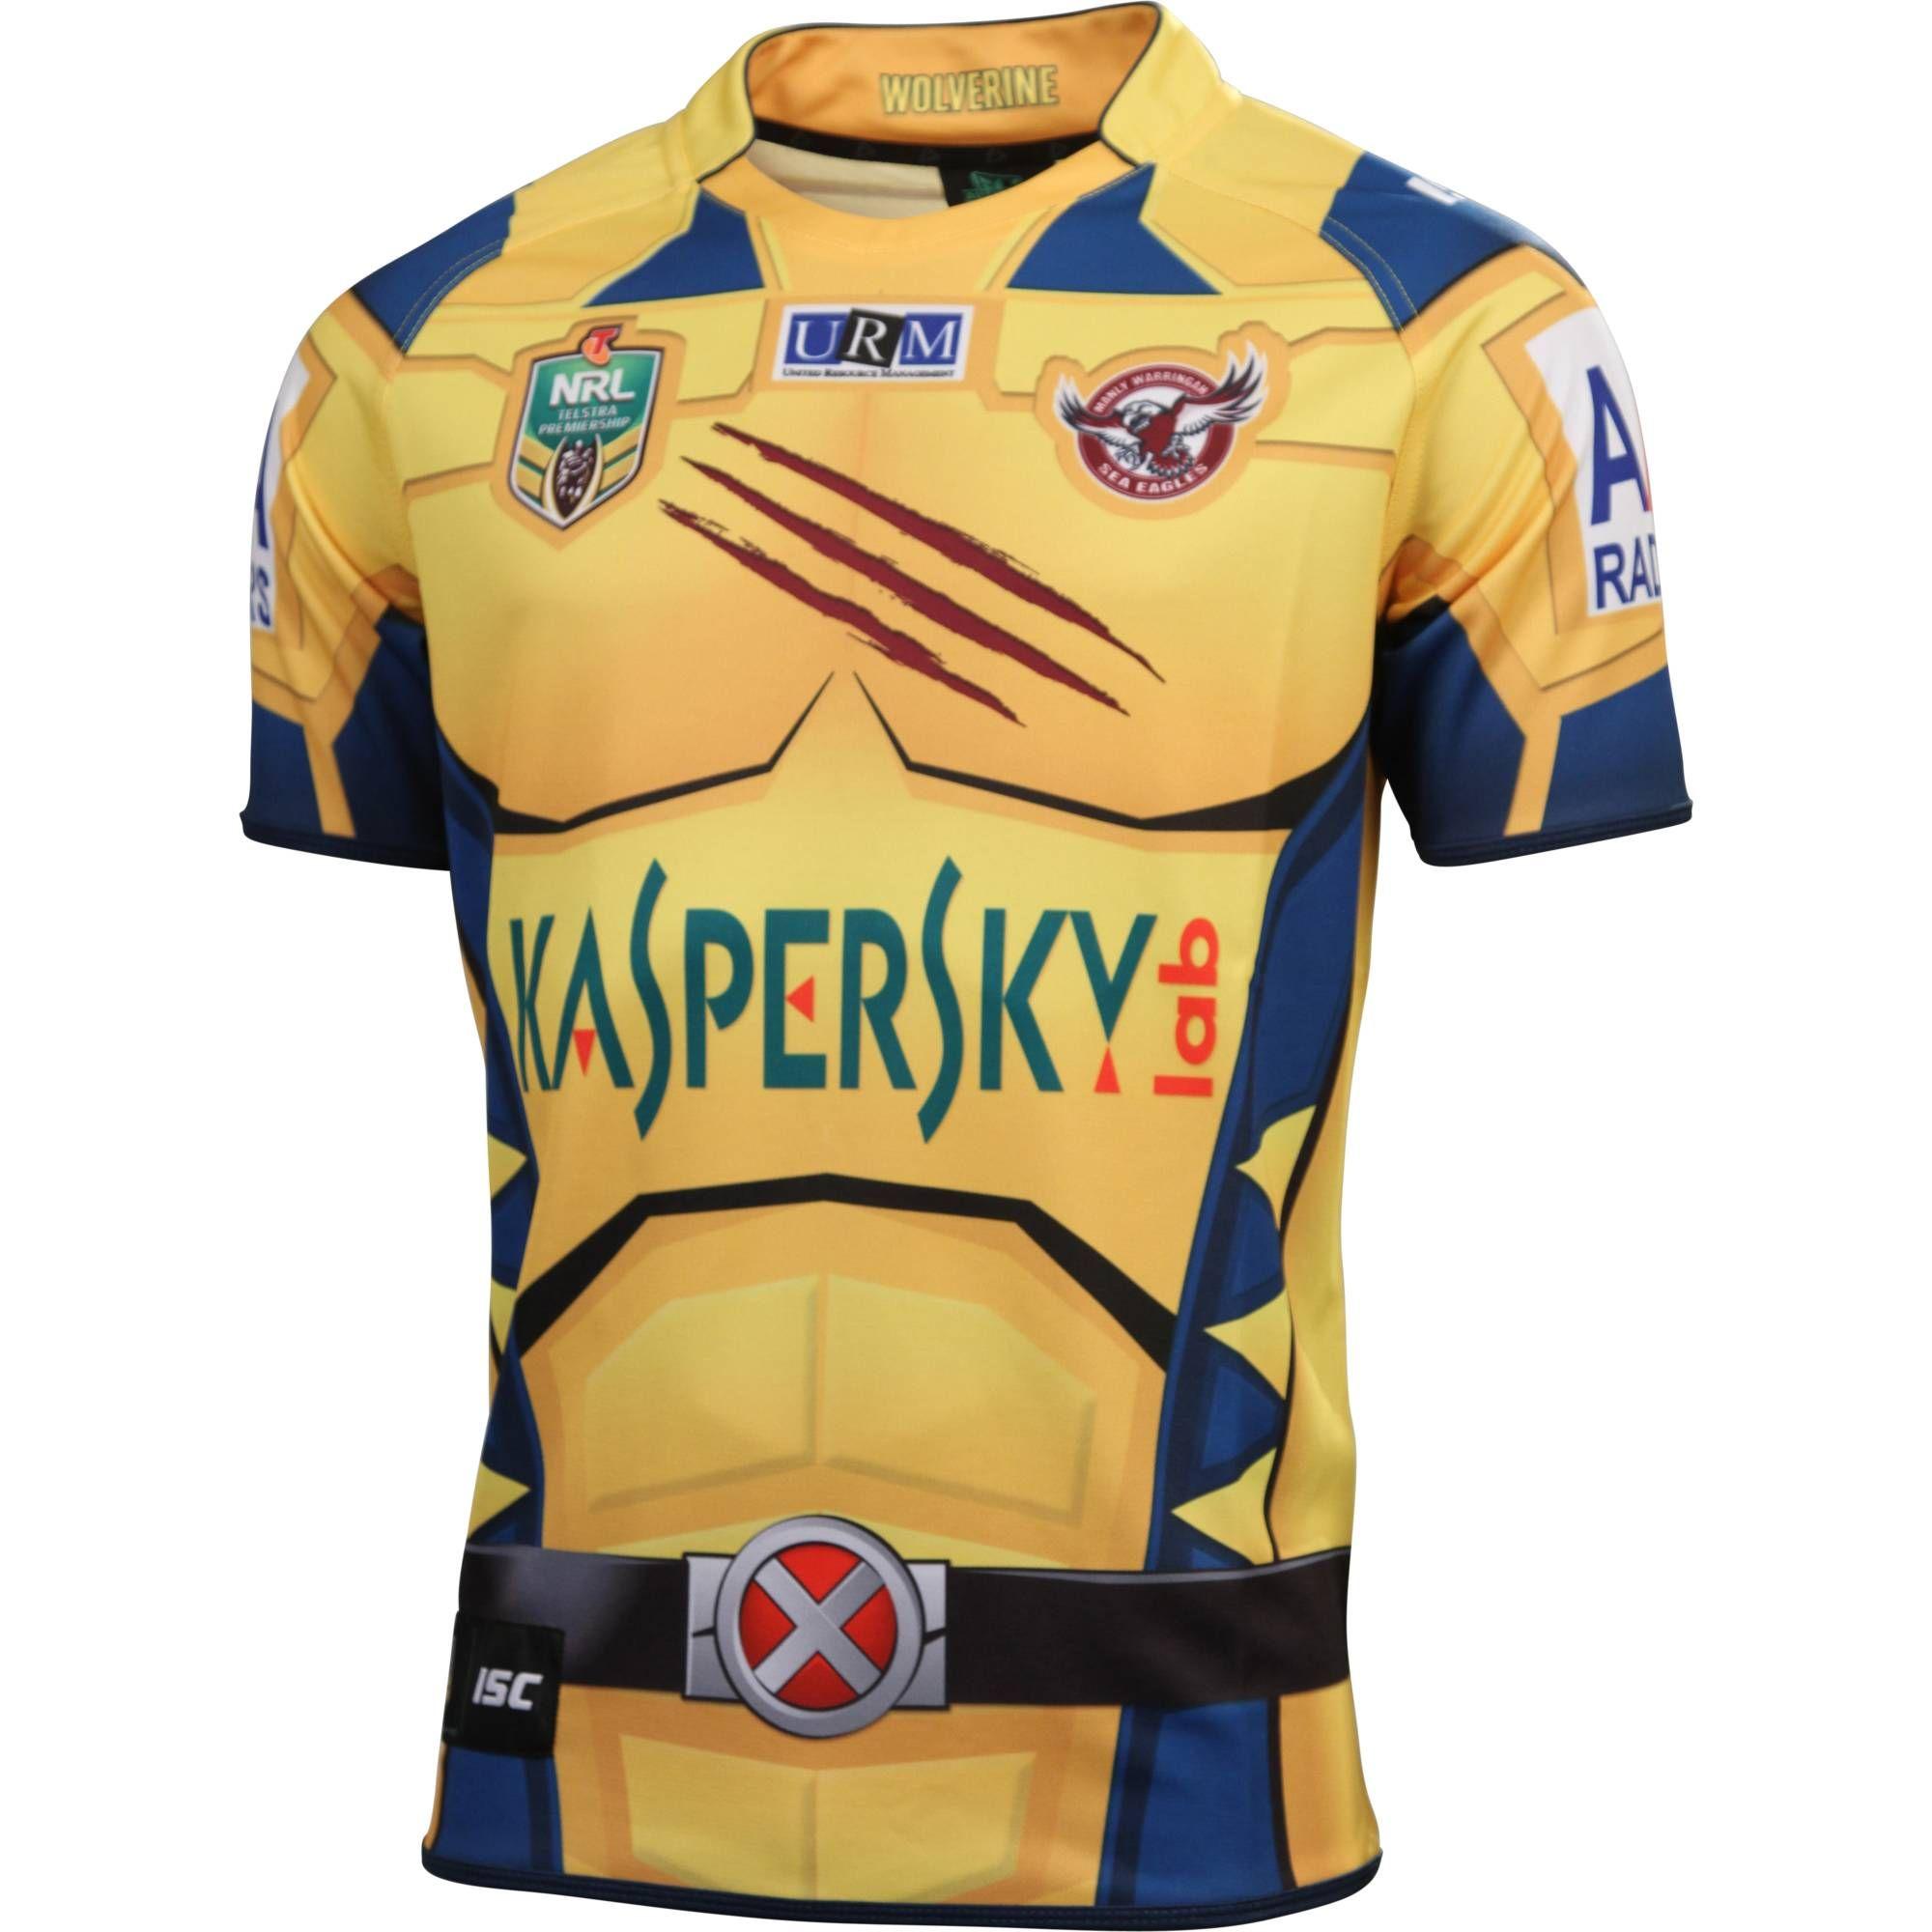 Manly Warringah Sea Eagles 2014 Men s Wolverine Jersey - NRL Megastore 79f7c5cd5